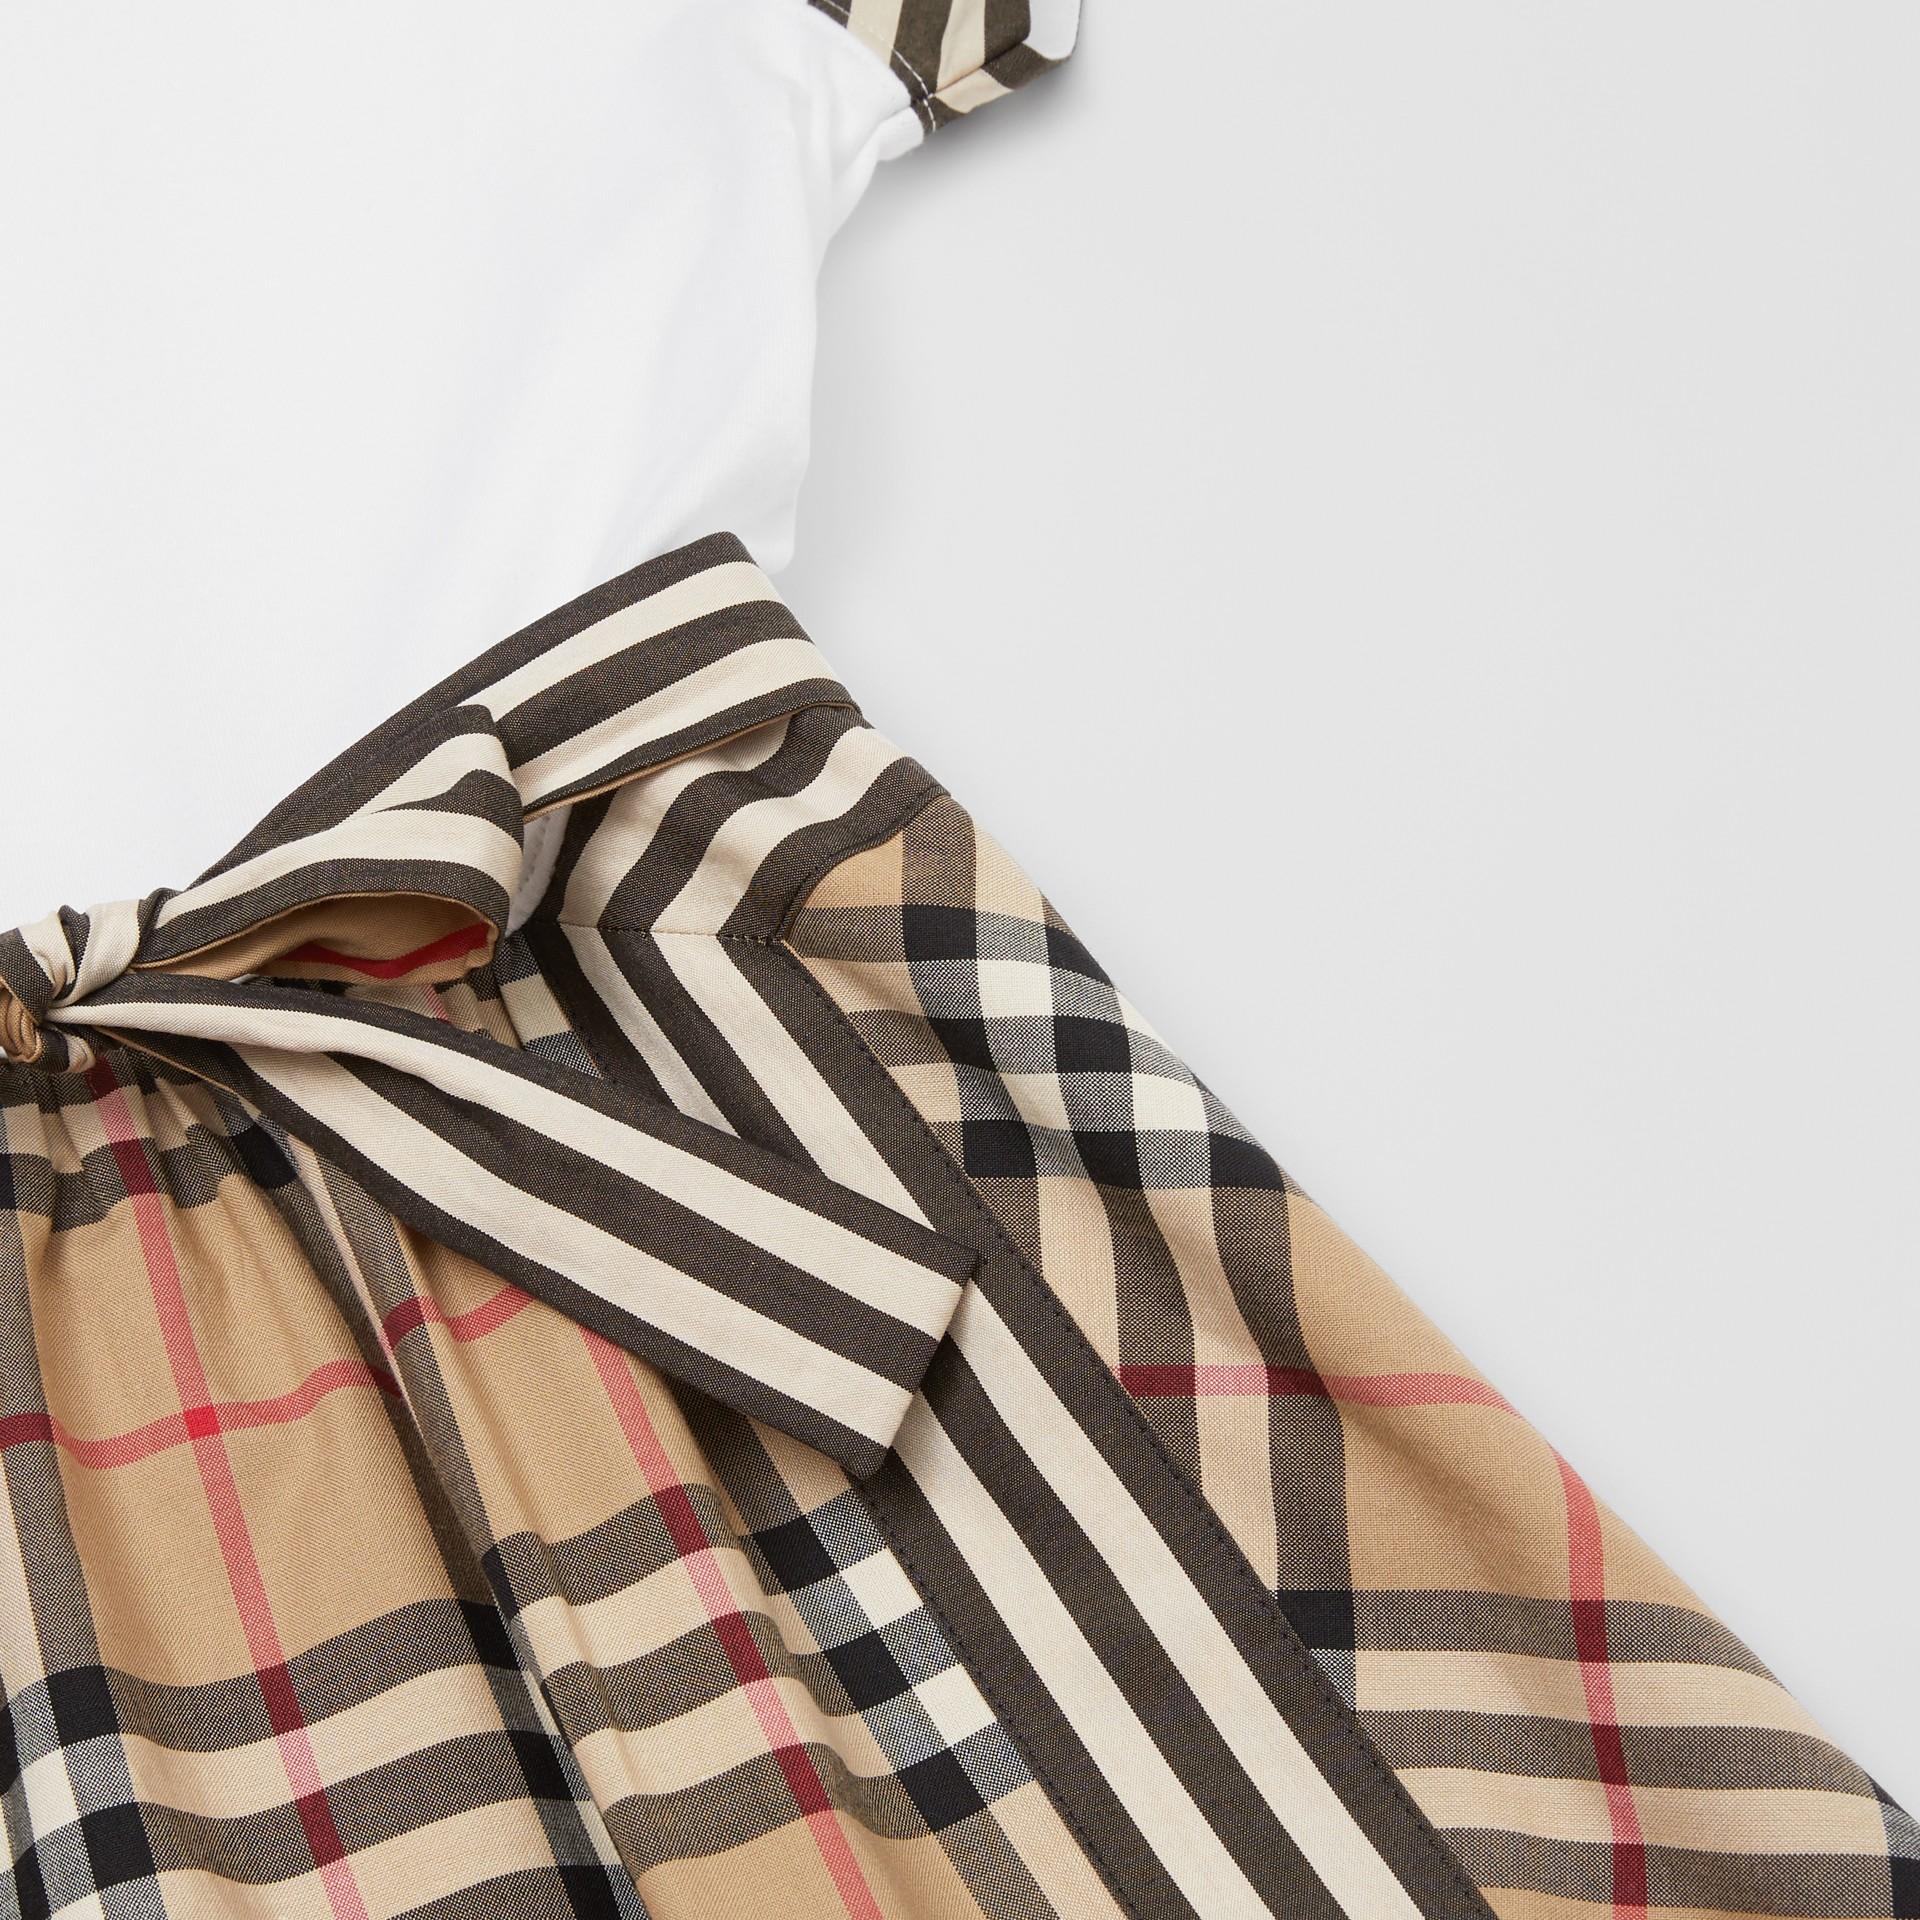 Robe en coton avec Vintage check | Burberry - photo de la galerie 1